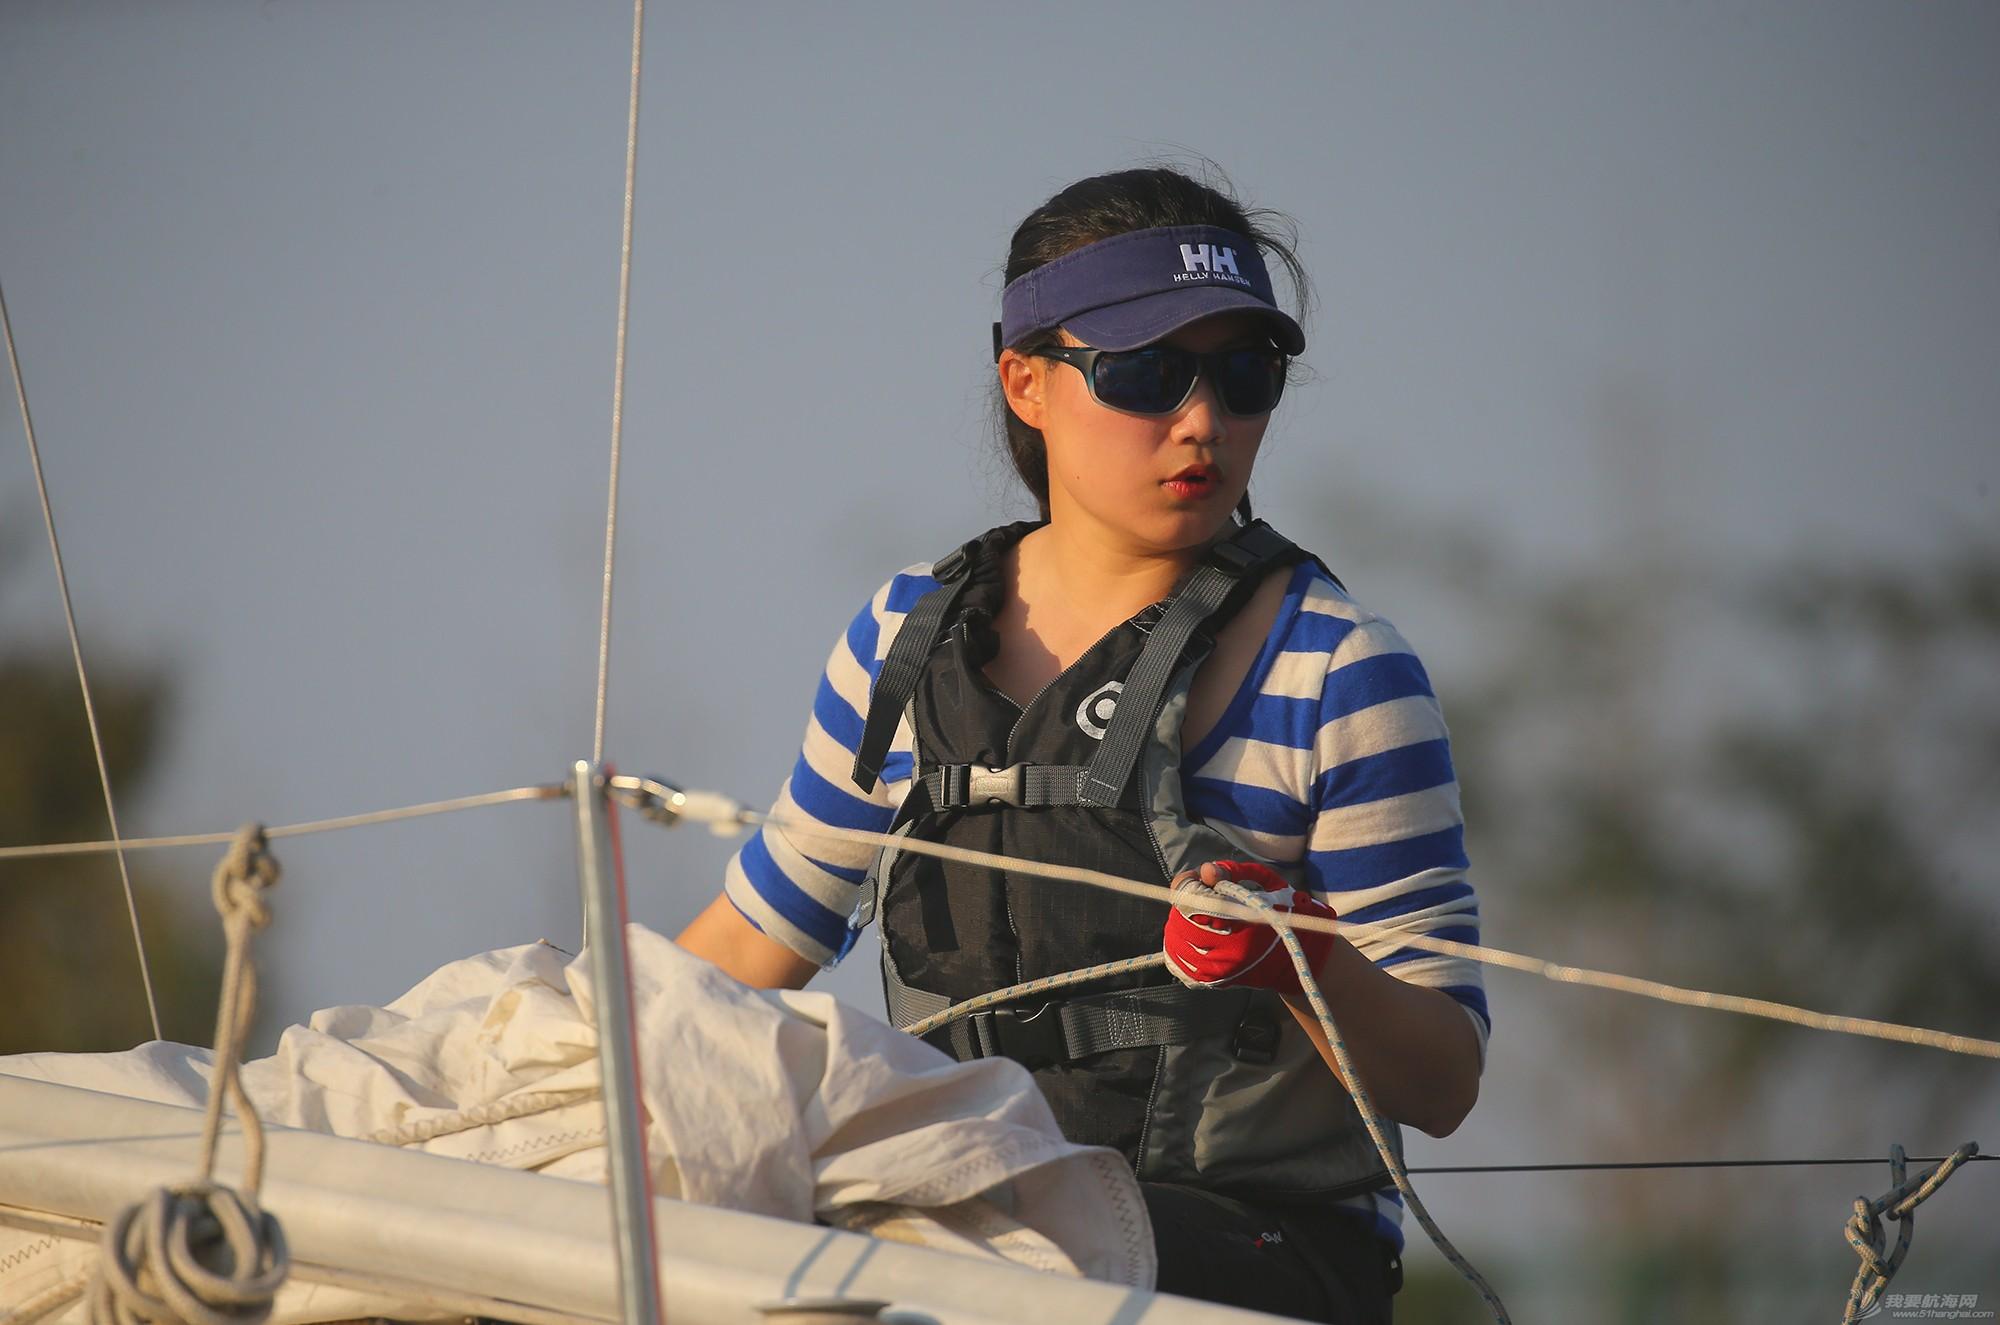 """拉力赛,帆船,太湖 2016""""菱湖湾杯""""环太湖帆船拉力赛参赛船队、船员风采 E78W1796.JPG"""